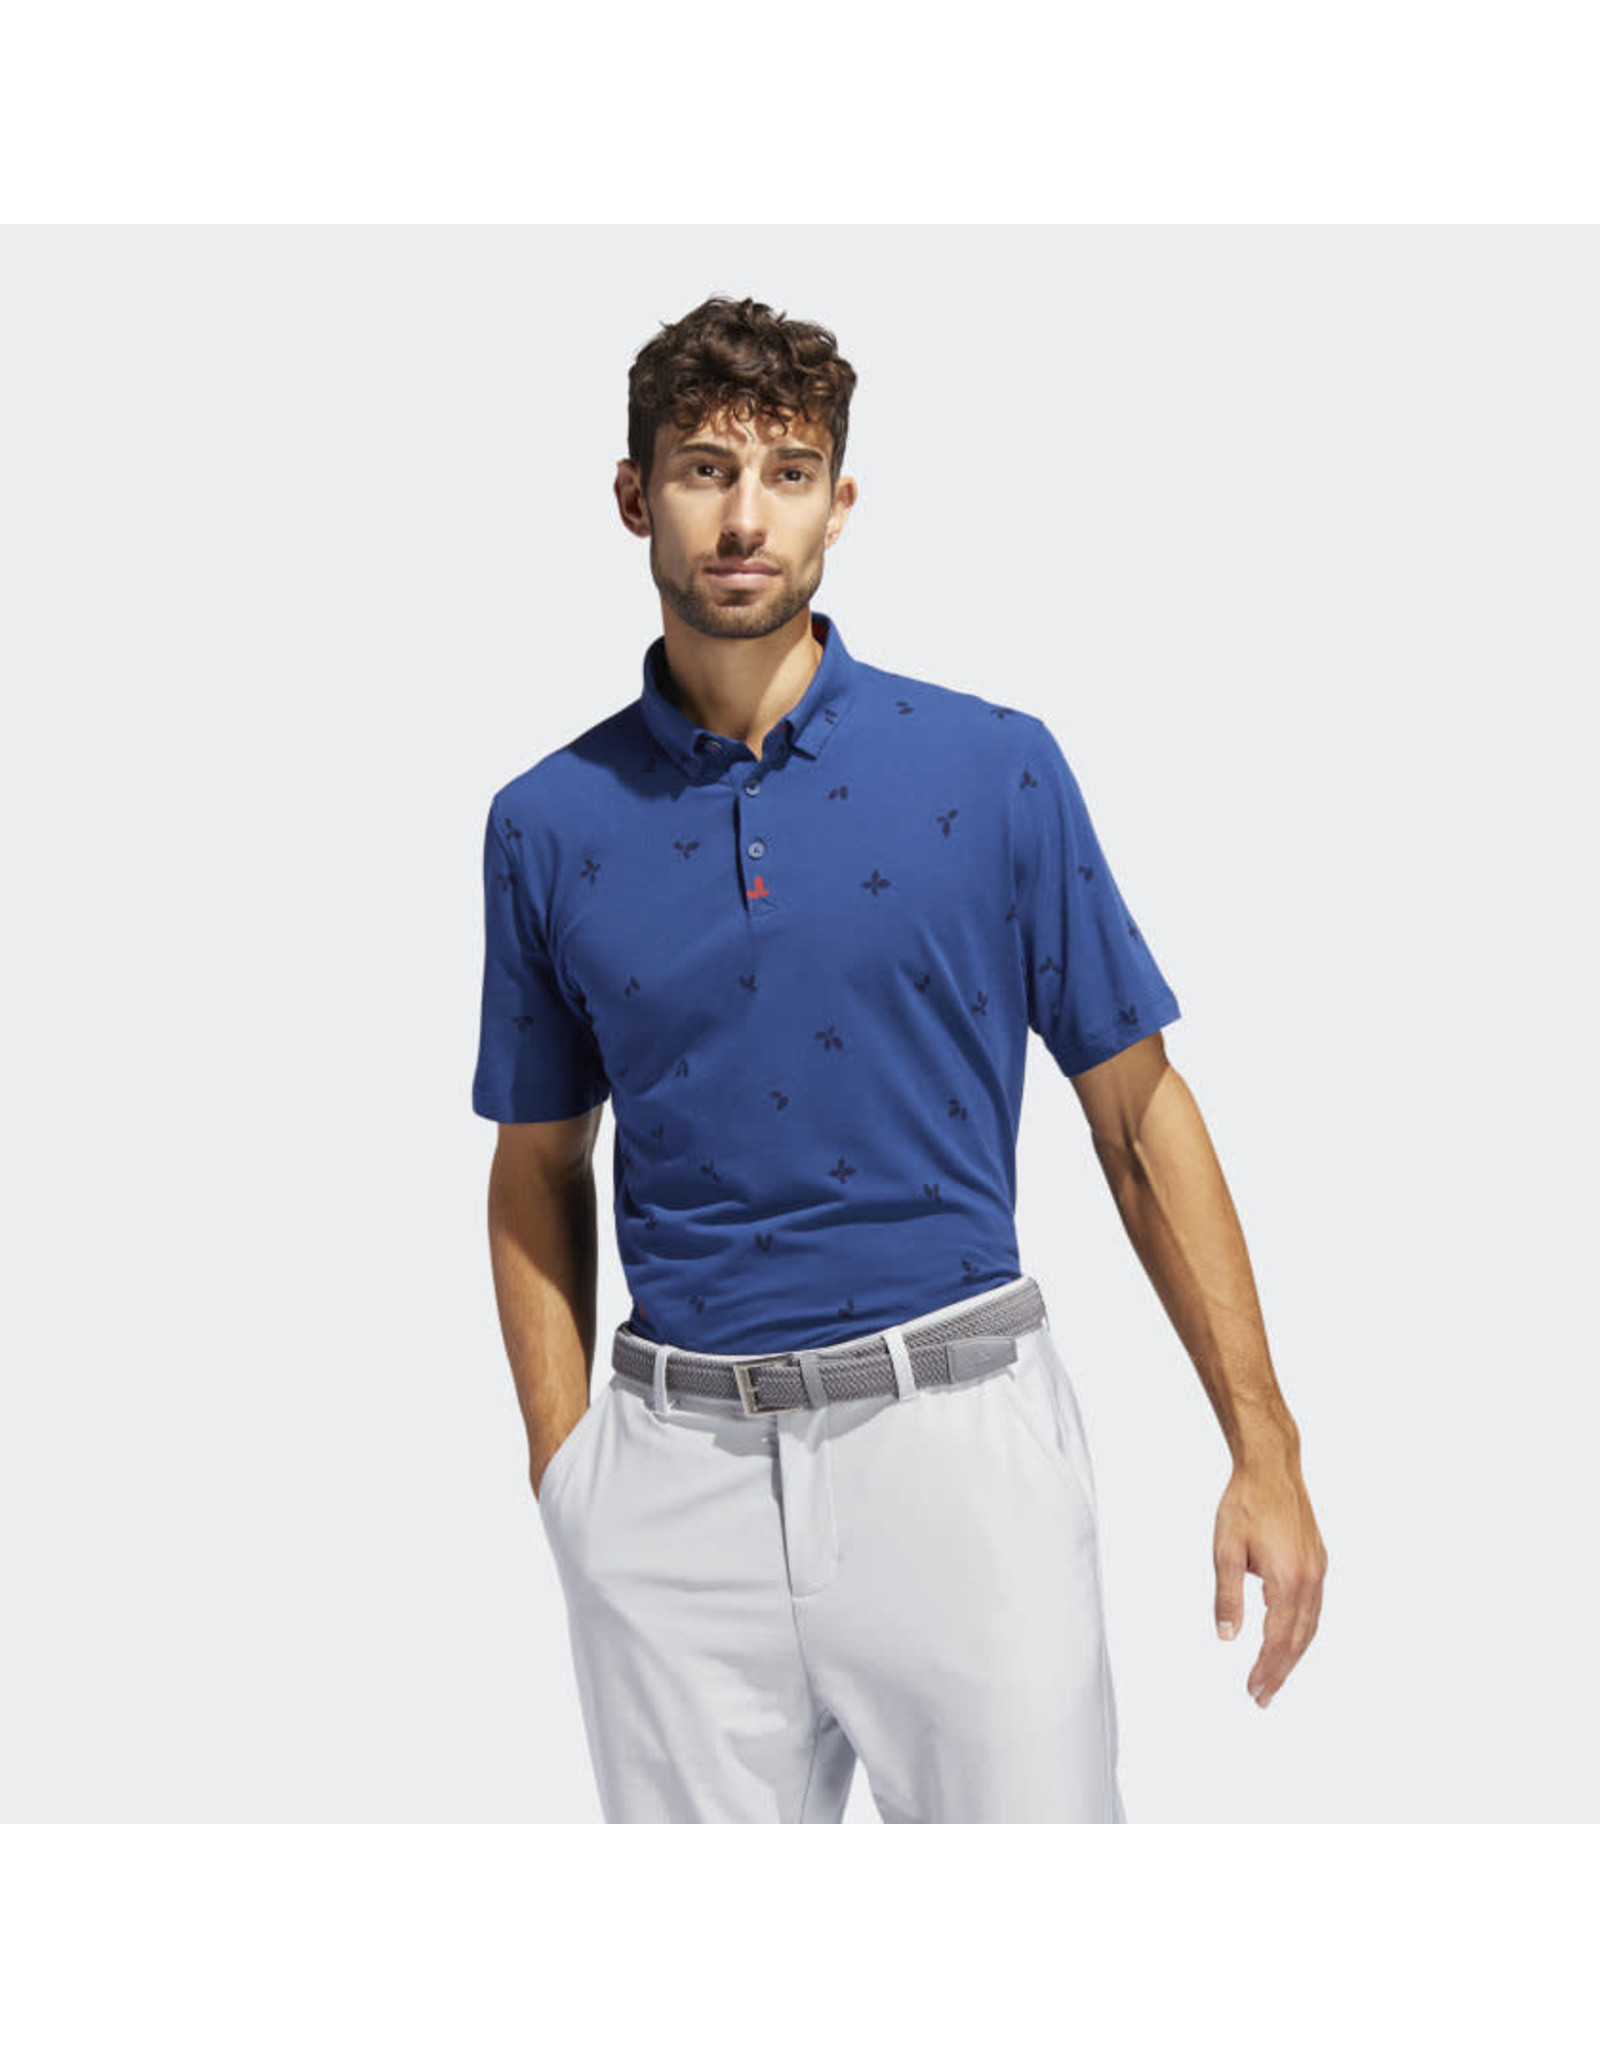 Adidas Adidas Polo Adipure Premium Novelty